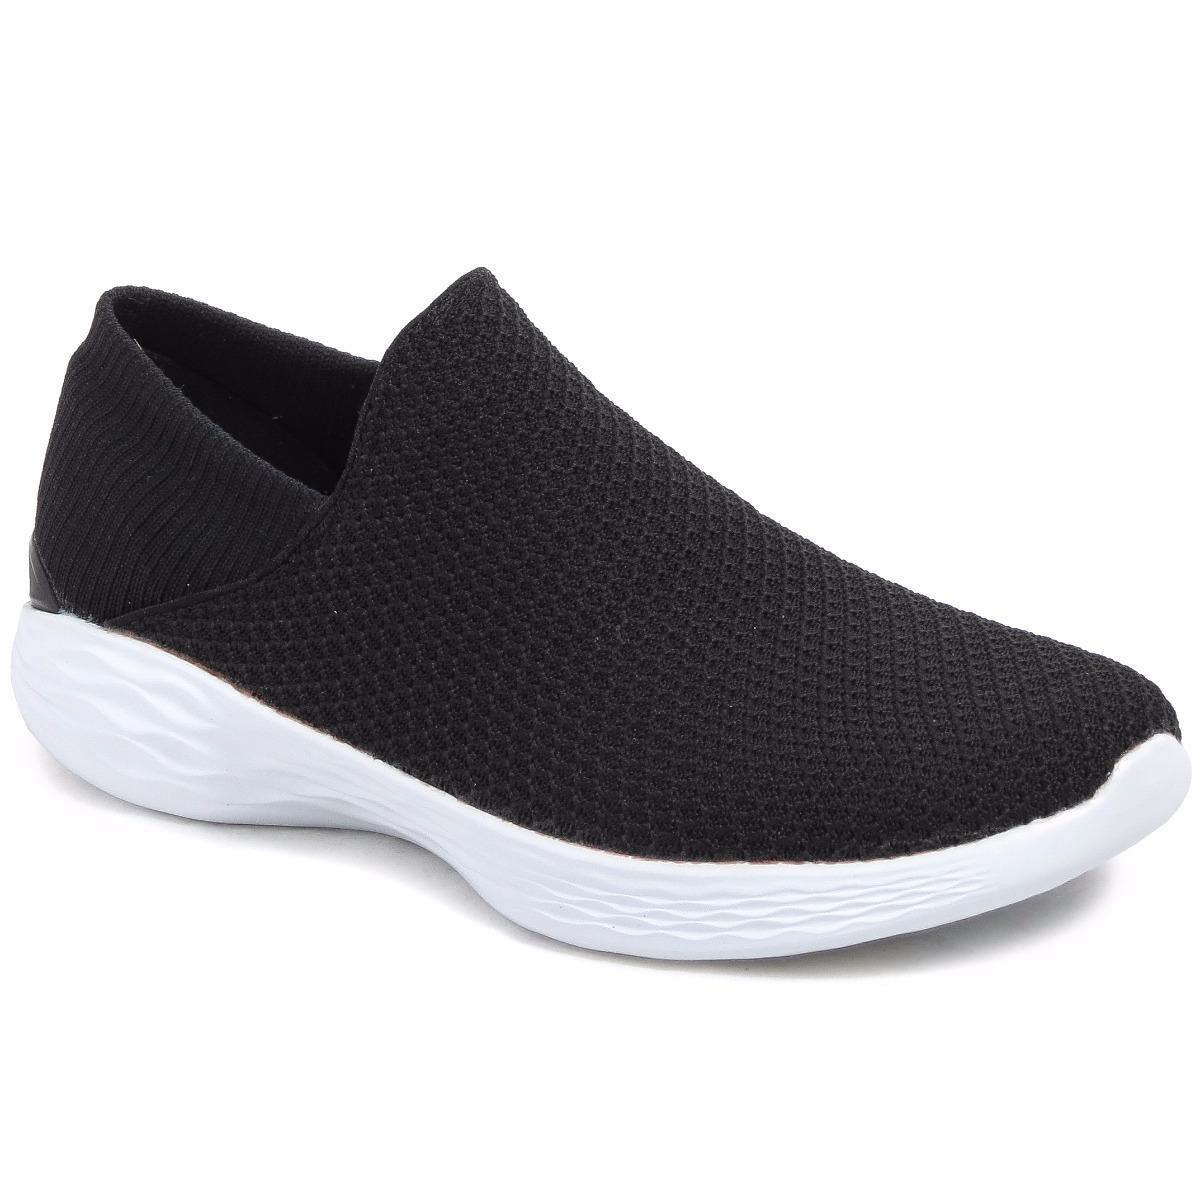 04d13c42151 zapatillas skechers you mujer deportivas caminata yoga sk. Cargando zoom.